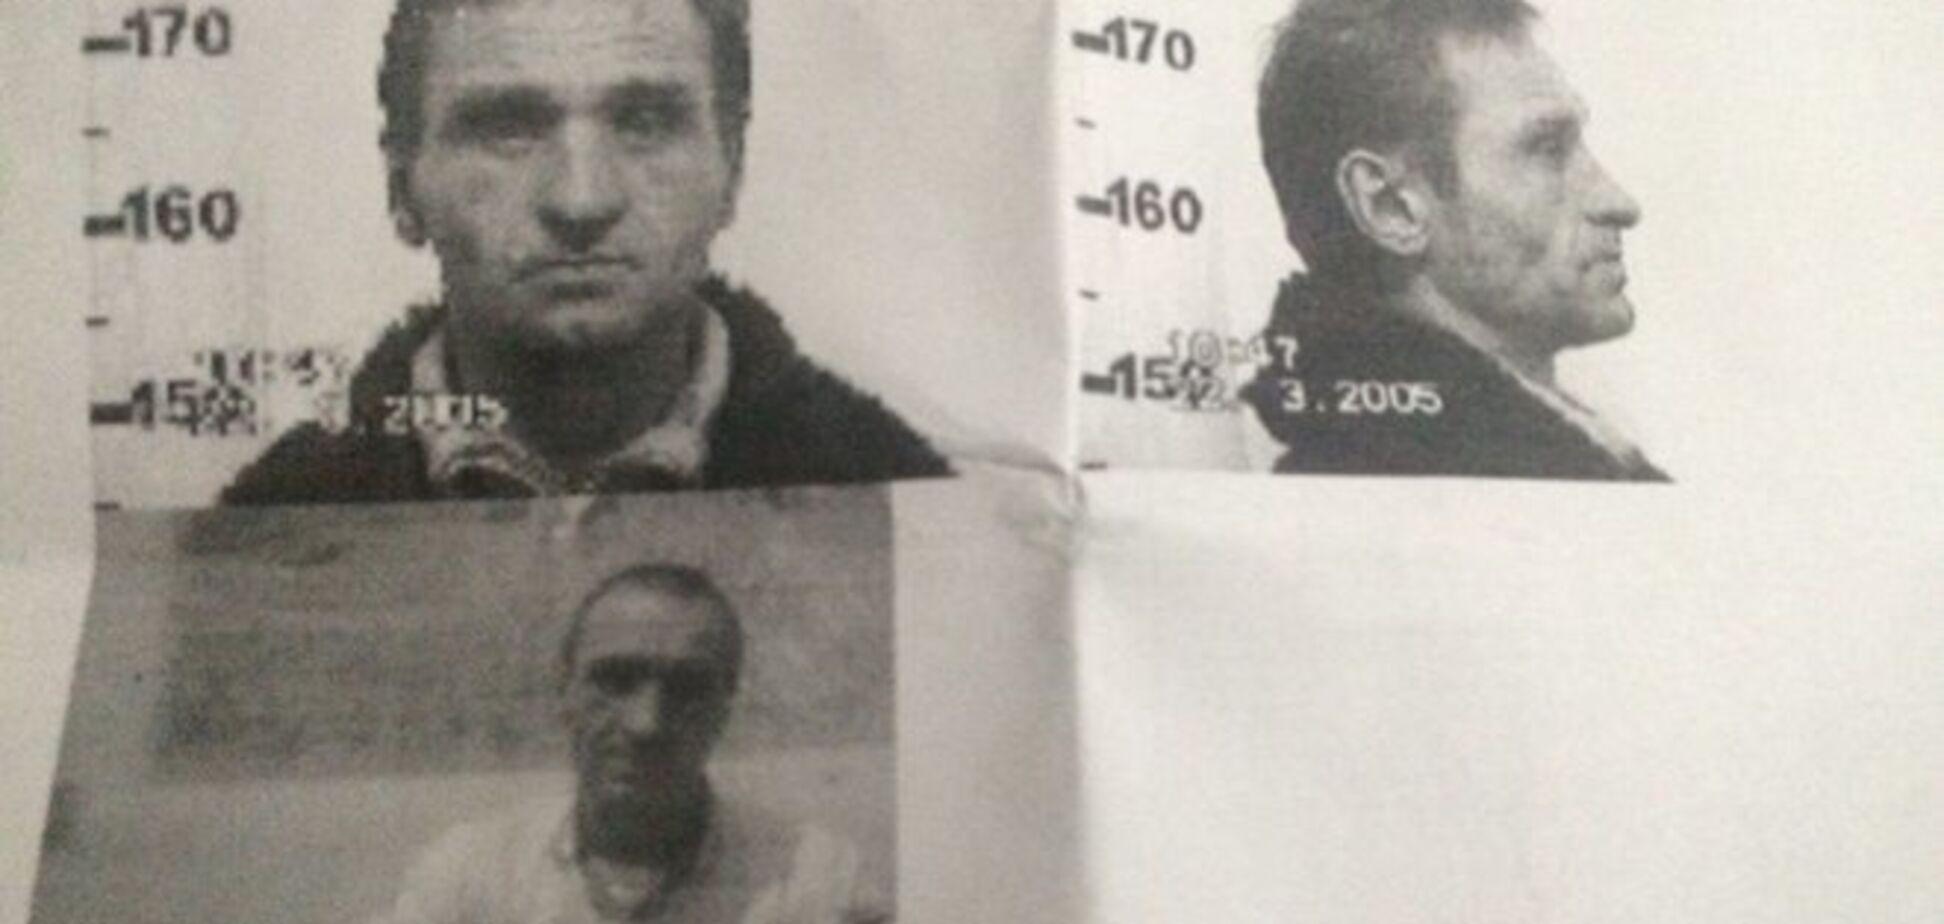 Взорвавшего гранату в киевской пятиэтажке кавказца и его сообщников арестовали